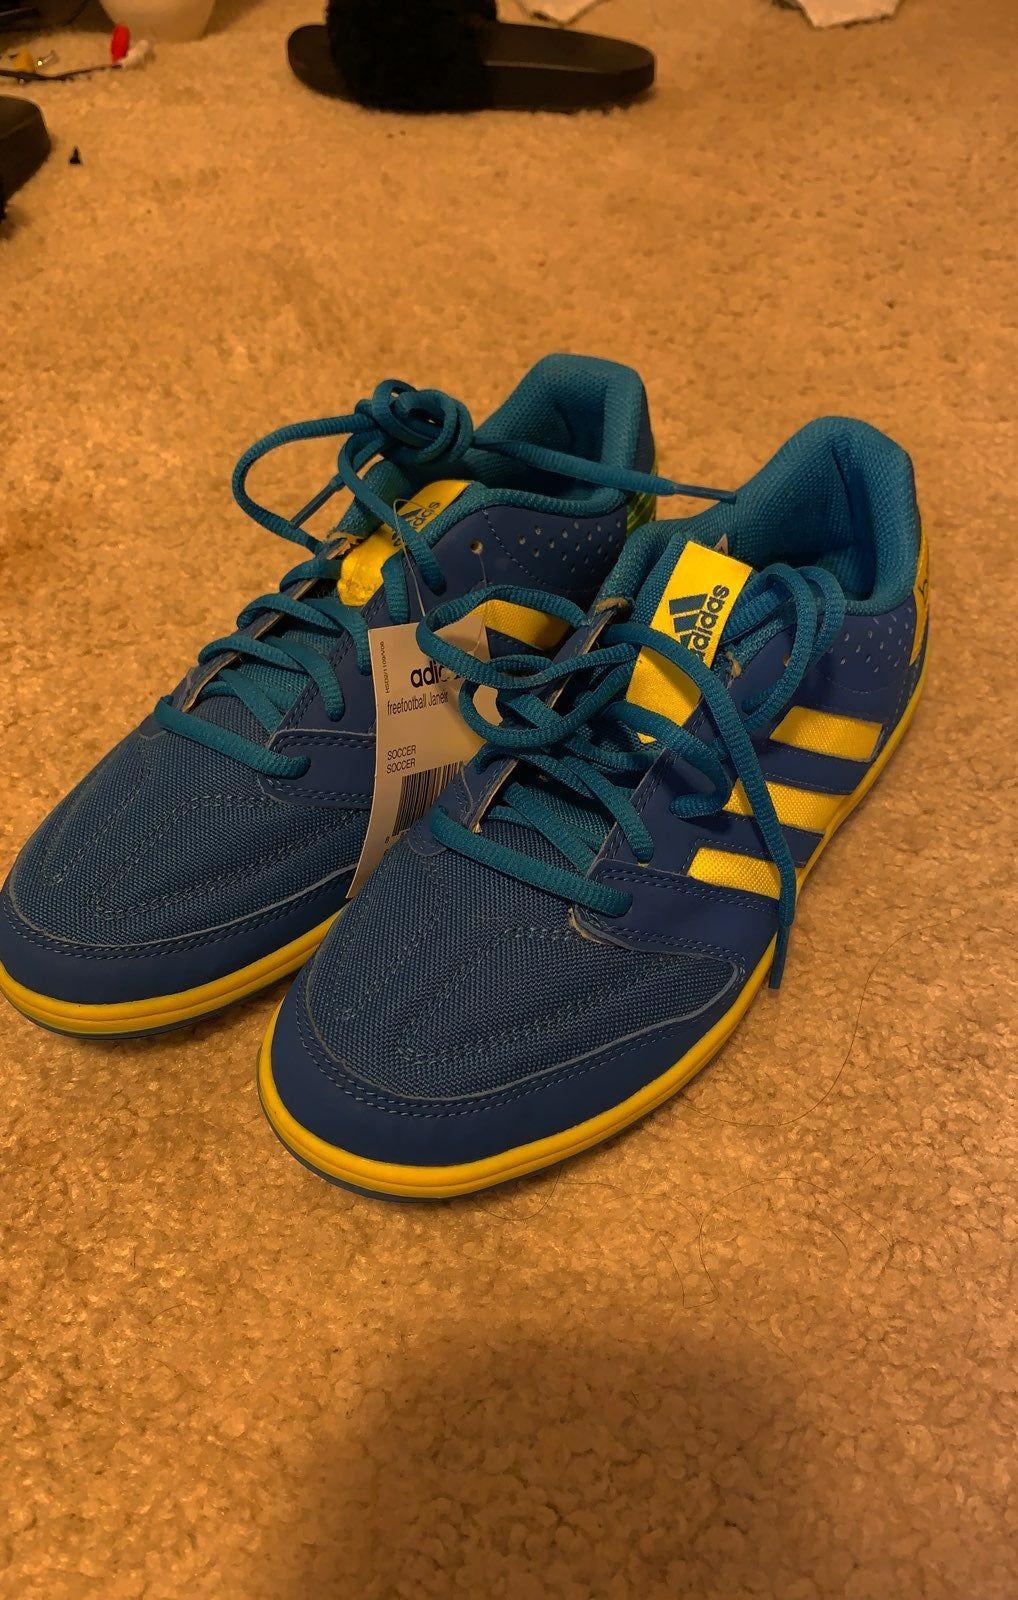 Adidas sneakers men 65 women 85 never worn